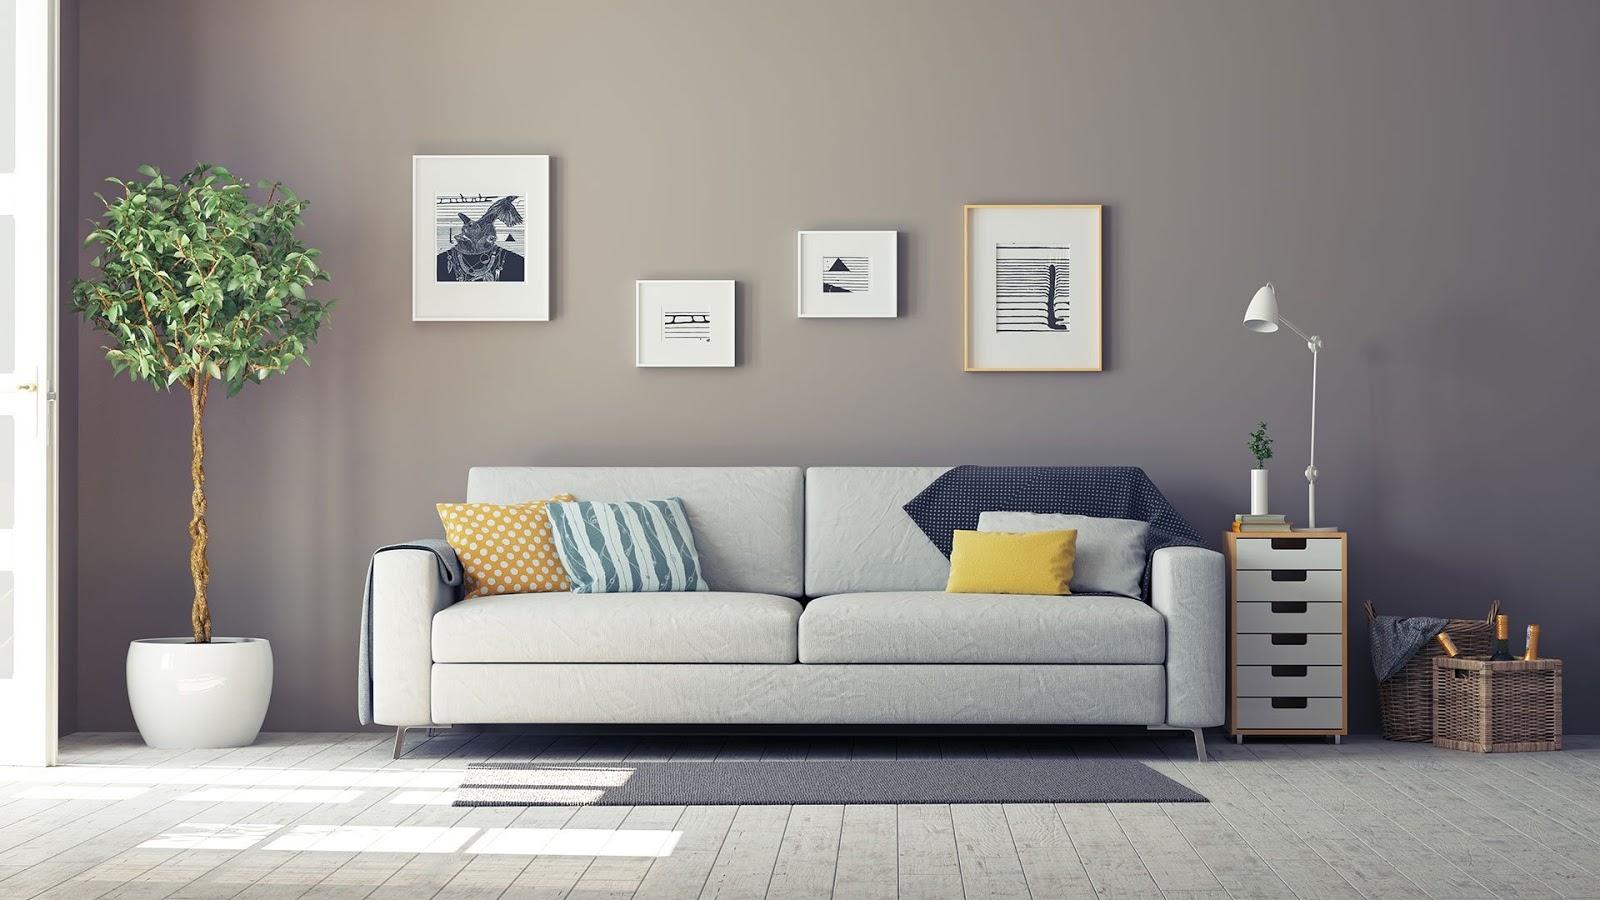 Interior with grey walls